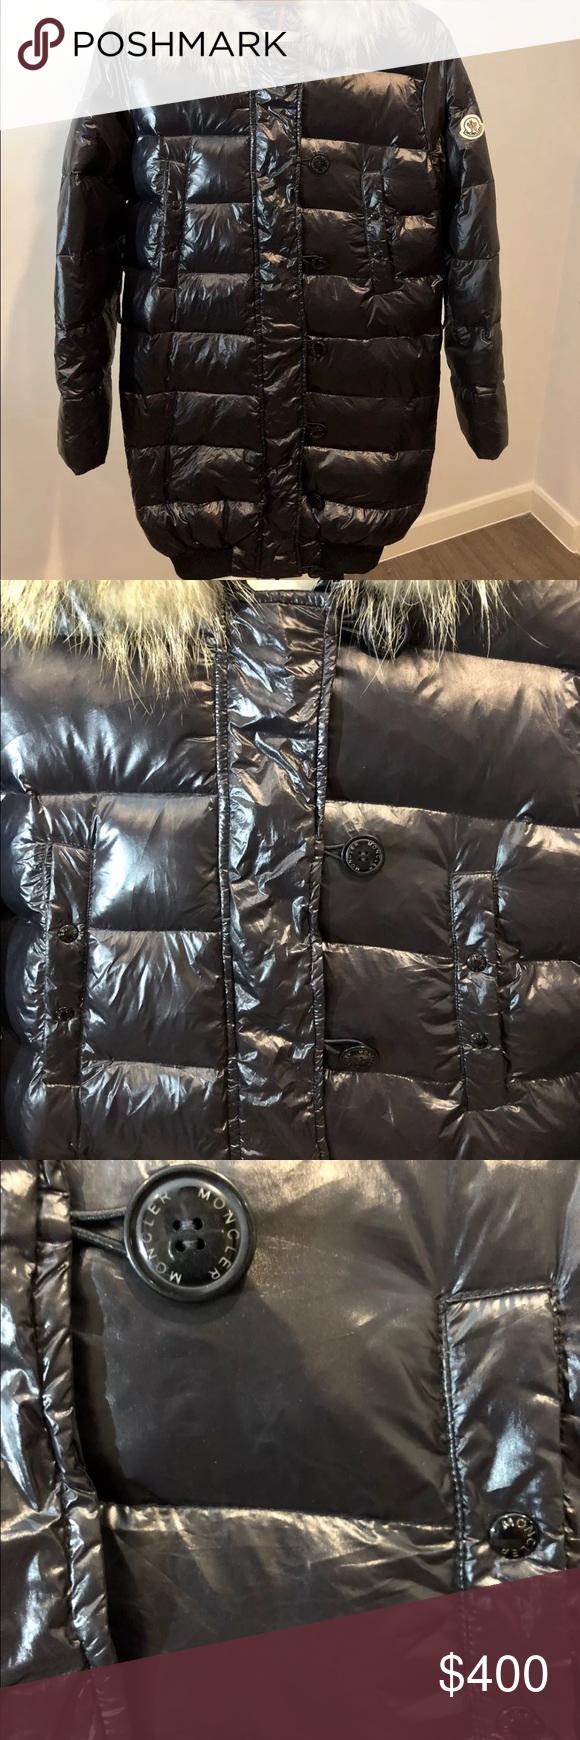 Authentic moncler down fur jacket Authentic moncler down